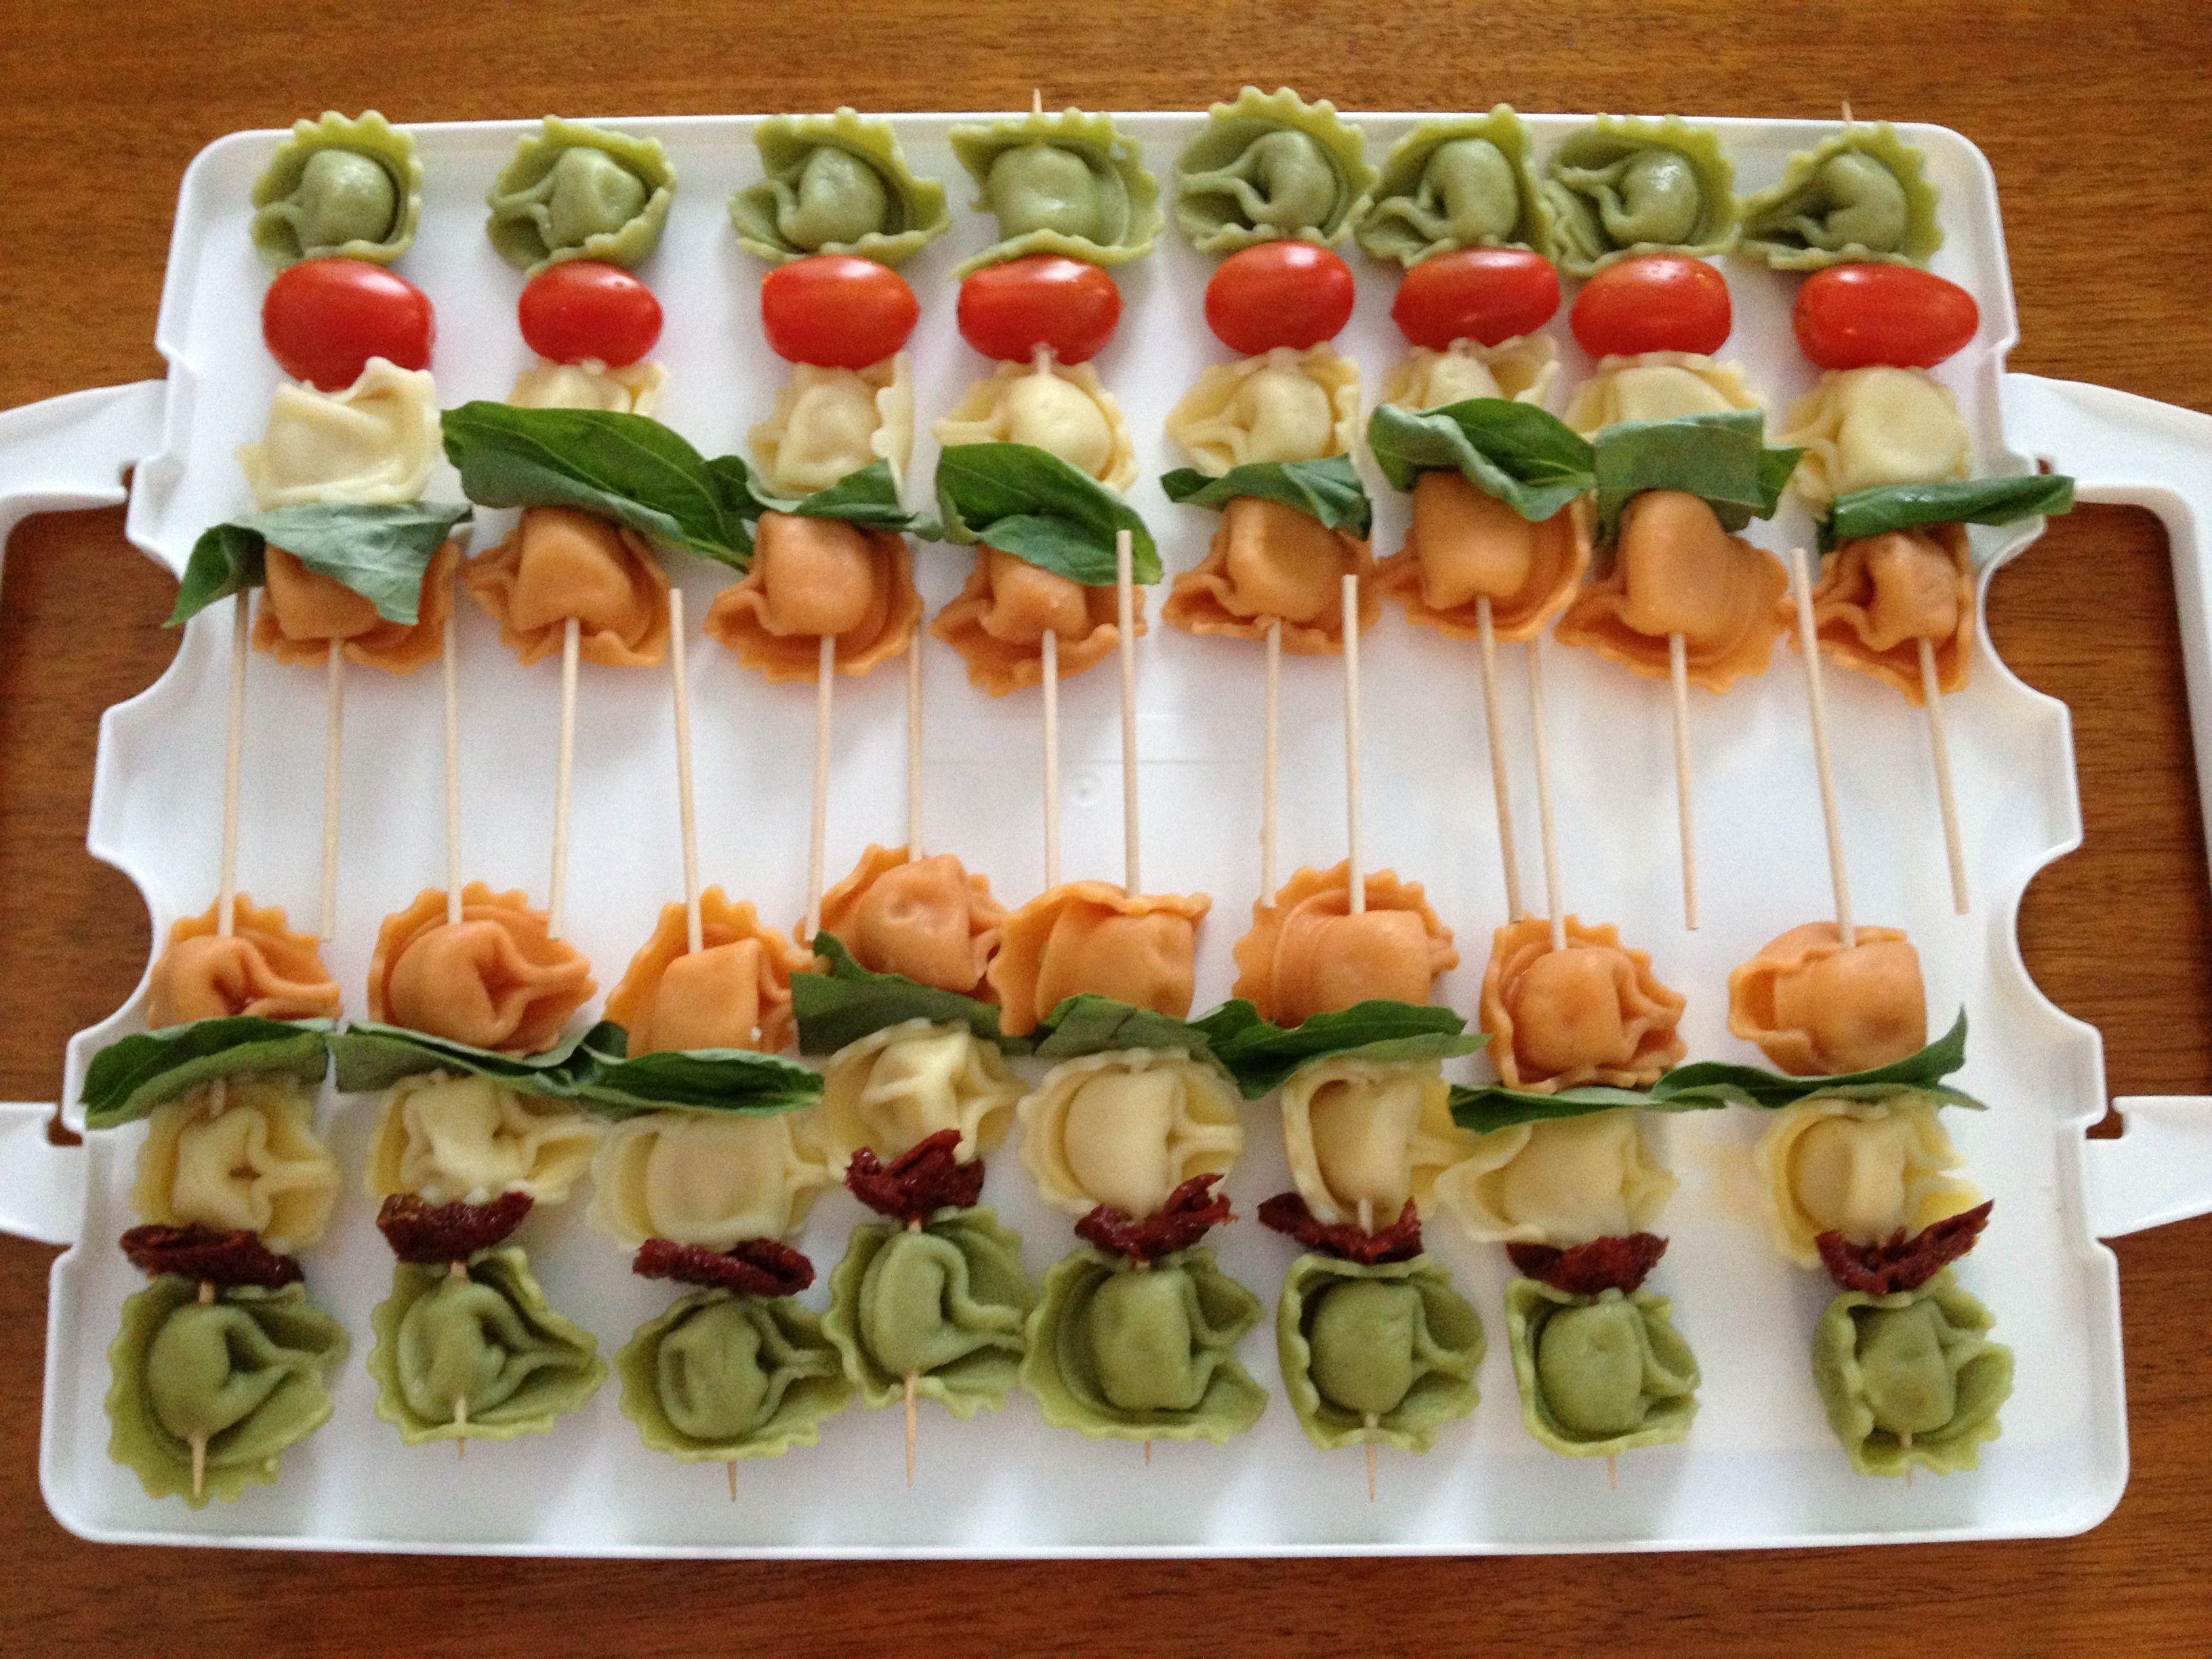 Cold Finger Food Ideas For Baby Shower Cold finger foods